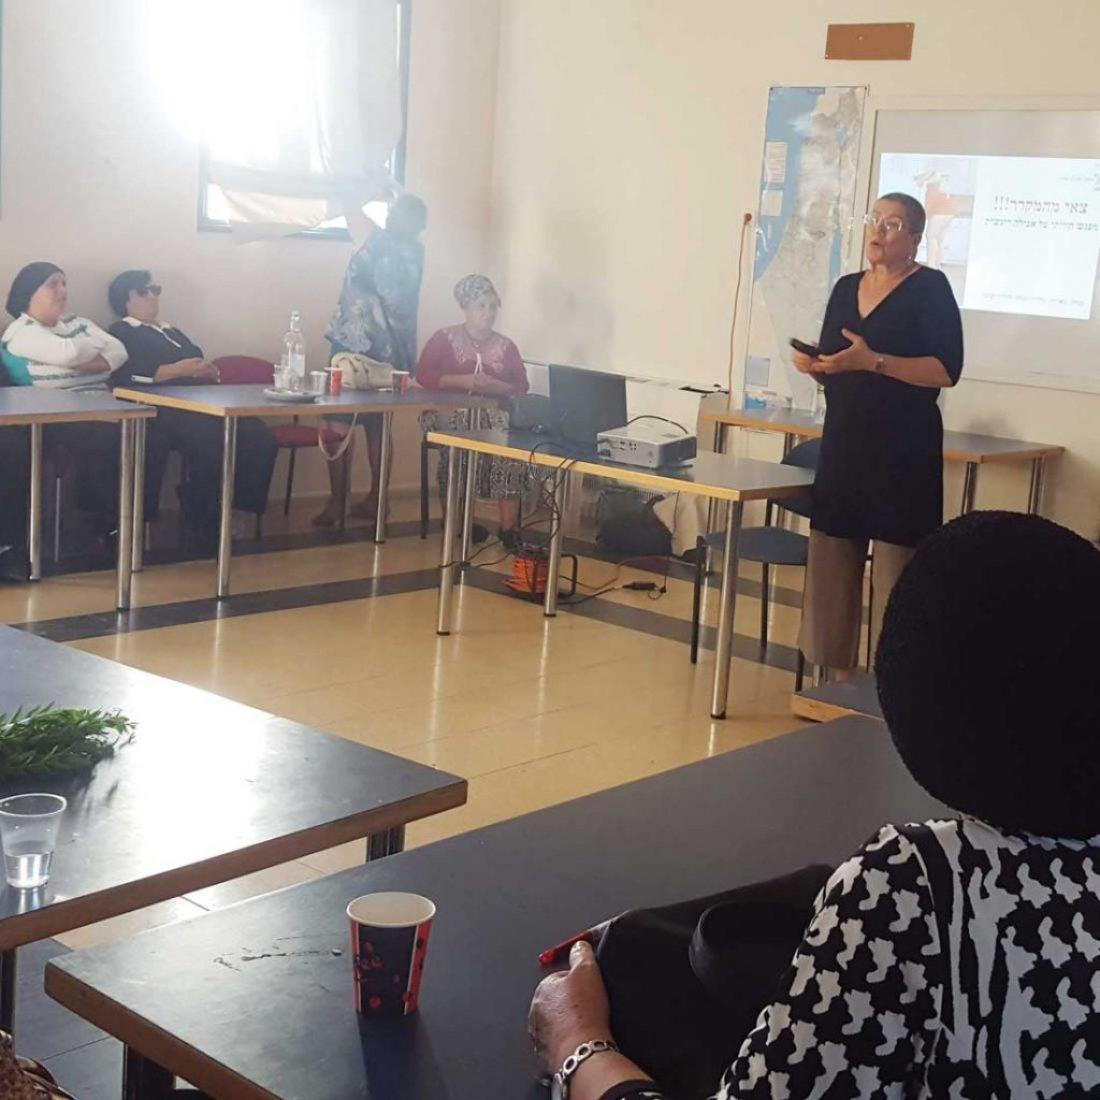 הרצאות וסדנאות | מאירה דהן מאמנת אישית קואצ'רית מירושלים